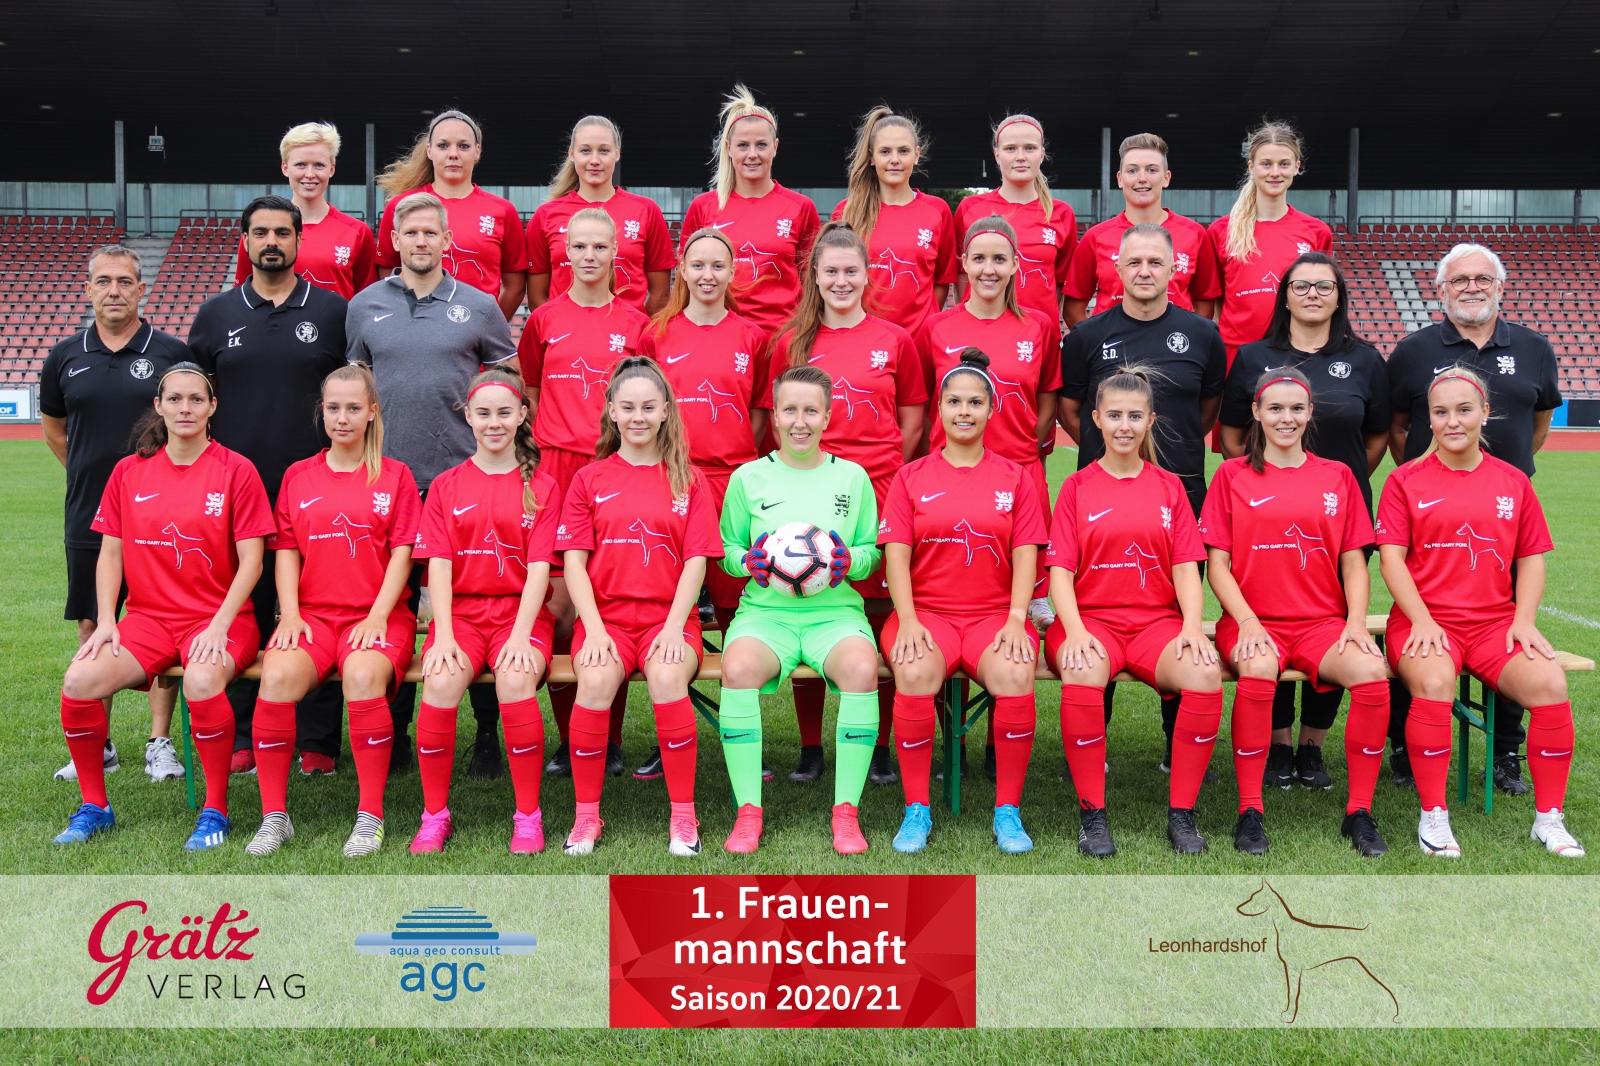 Mannschaftsfoto Frauen.jpg